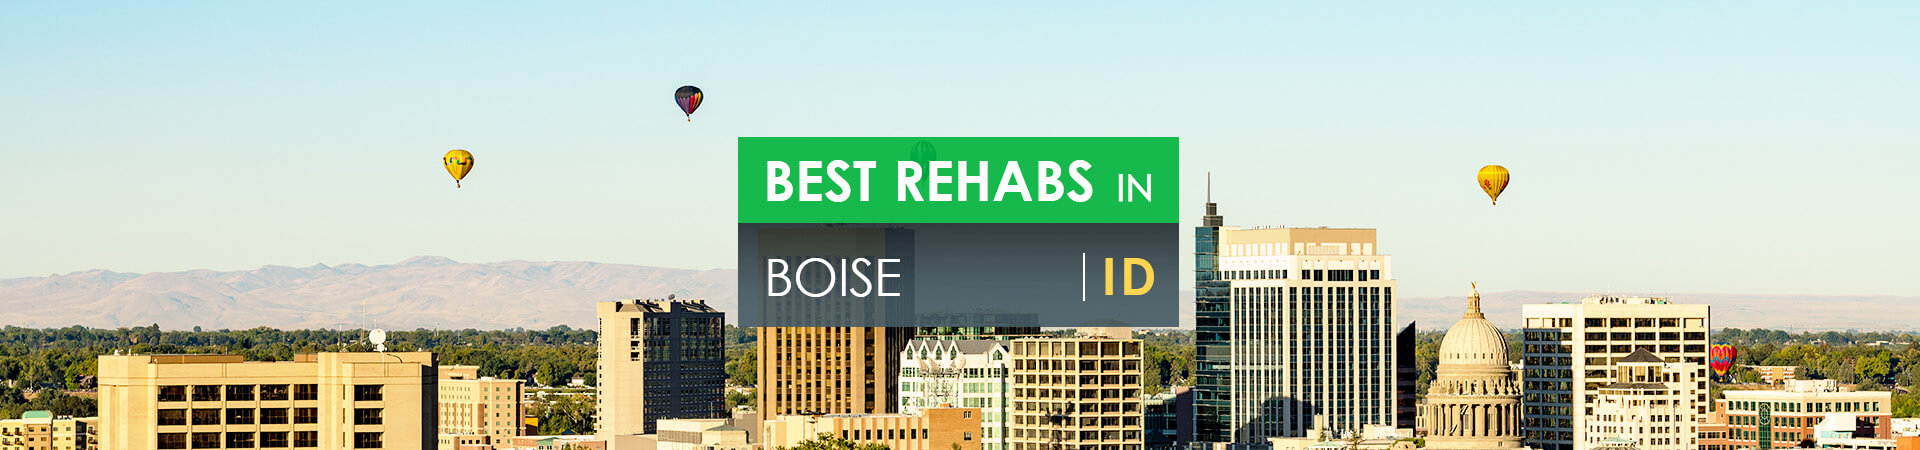 Best rehabs in Boise, ID